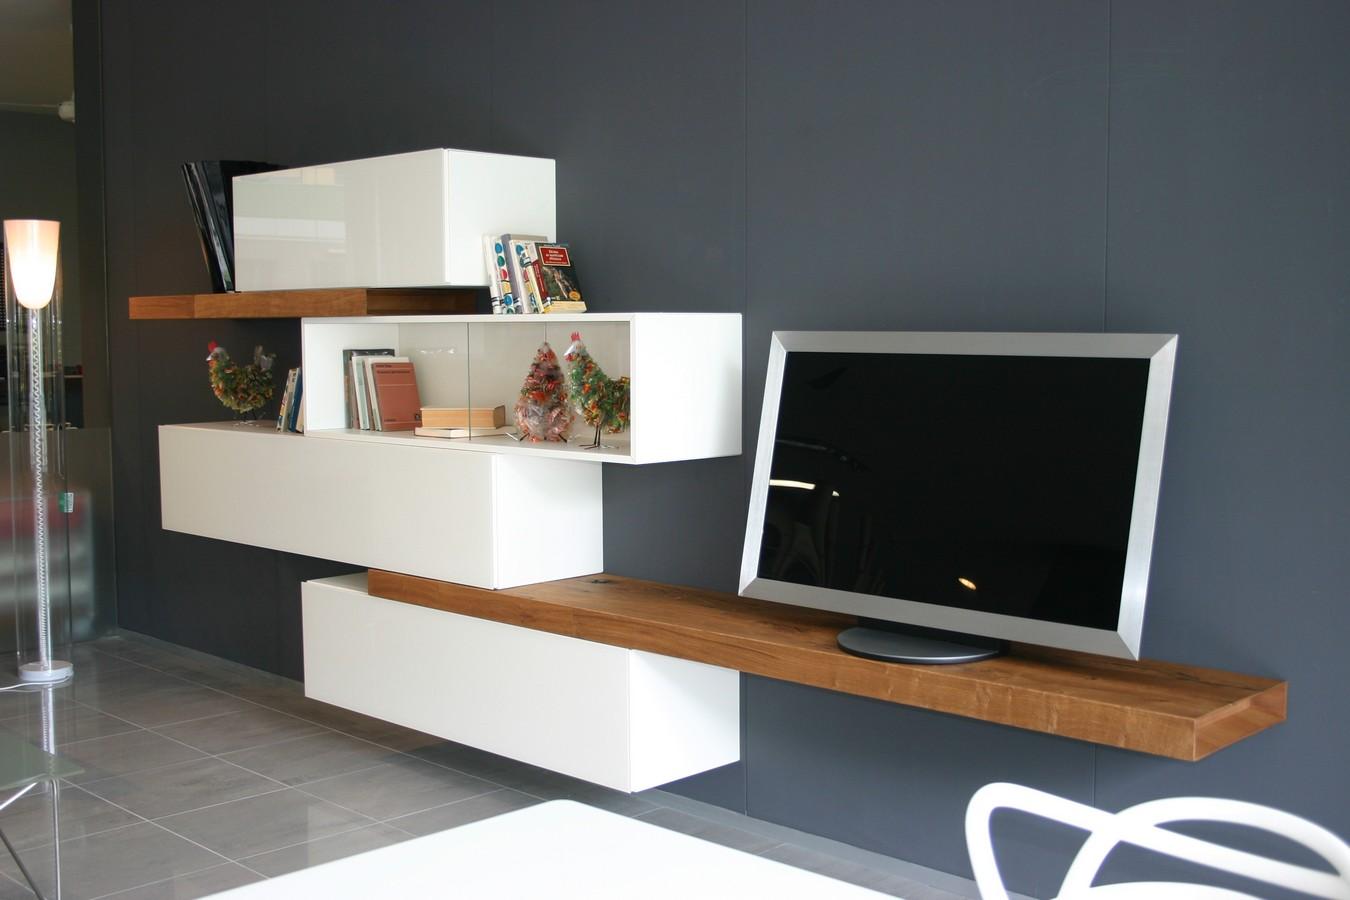 Credenza Con Vetrina Ikea : Soggiorno moderno con vetrina soggiorni moderni camini